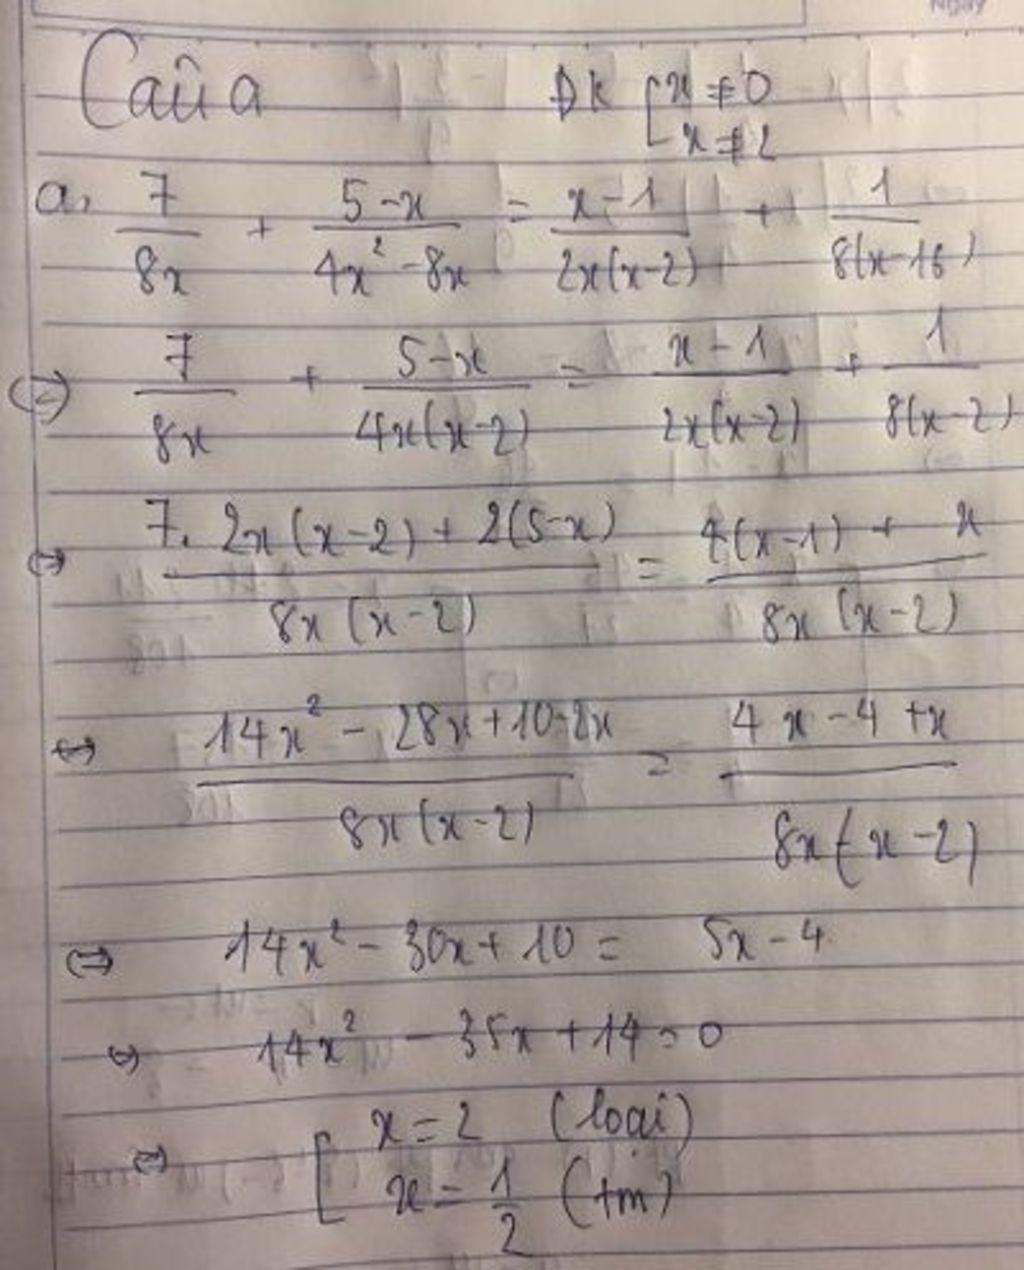 giai-phuong-trinh-5-4-2-8-7-8-1-2-2-1-8-16